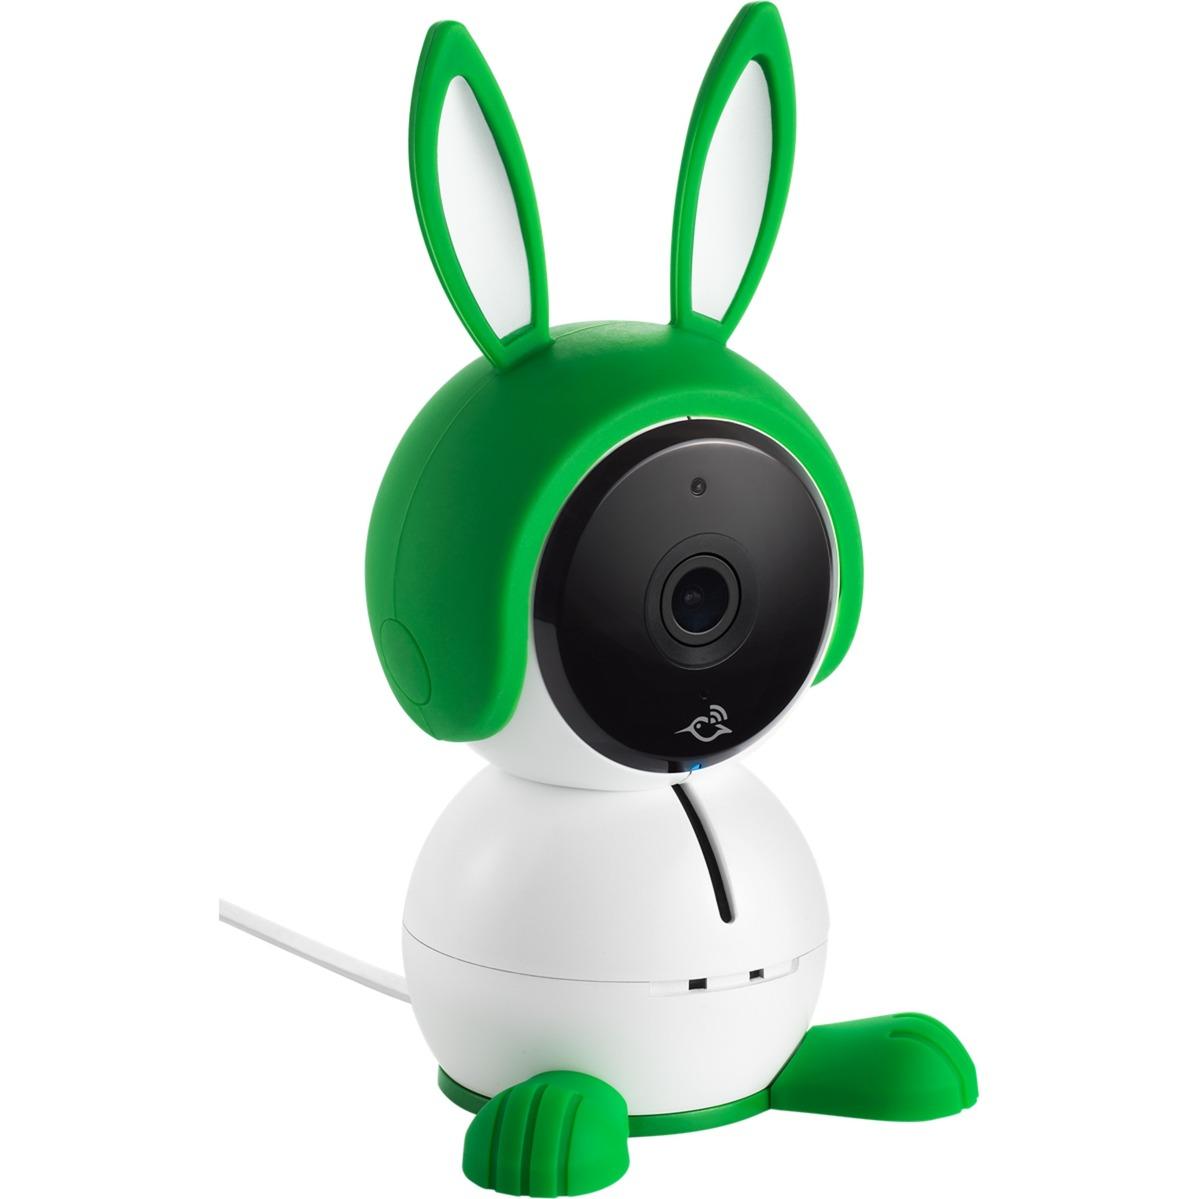 ABC1000 IP security camera Intérieur Cube Vert, Blanc, Caméra de surveillance